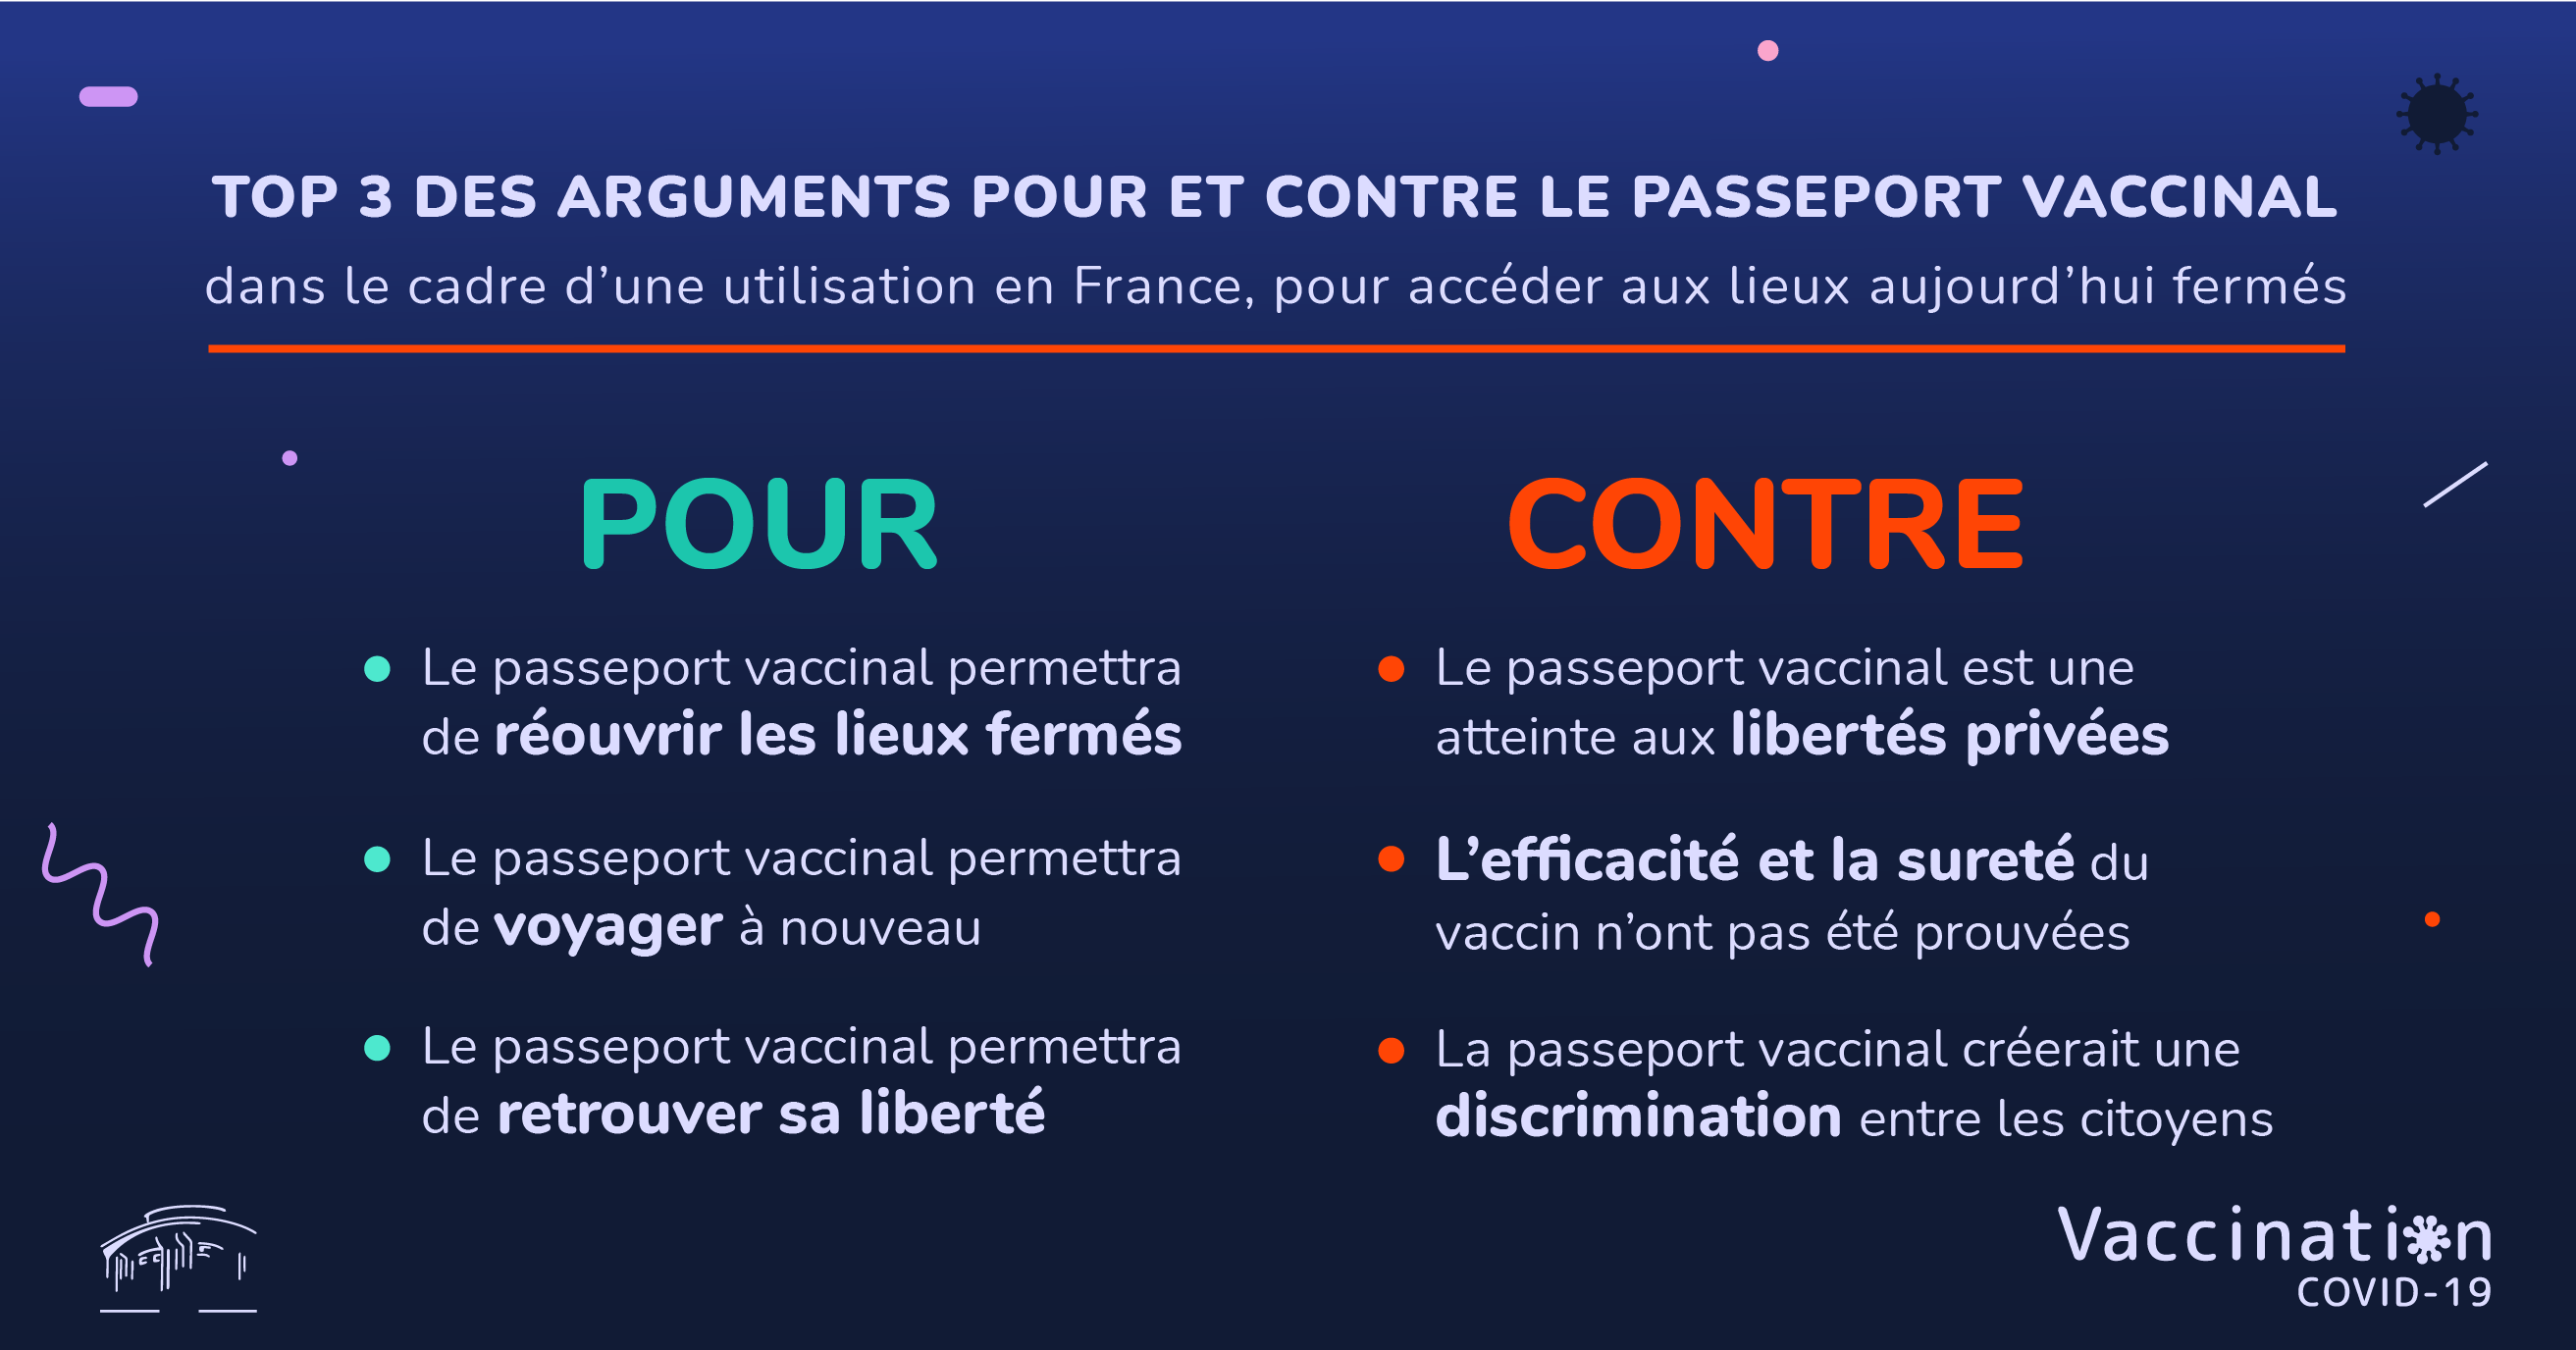 Top 3 des arguments pour et contre la vaccination (infographie)